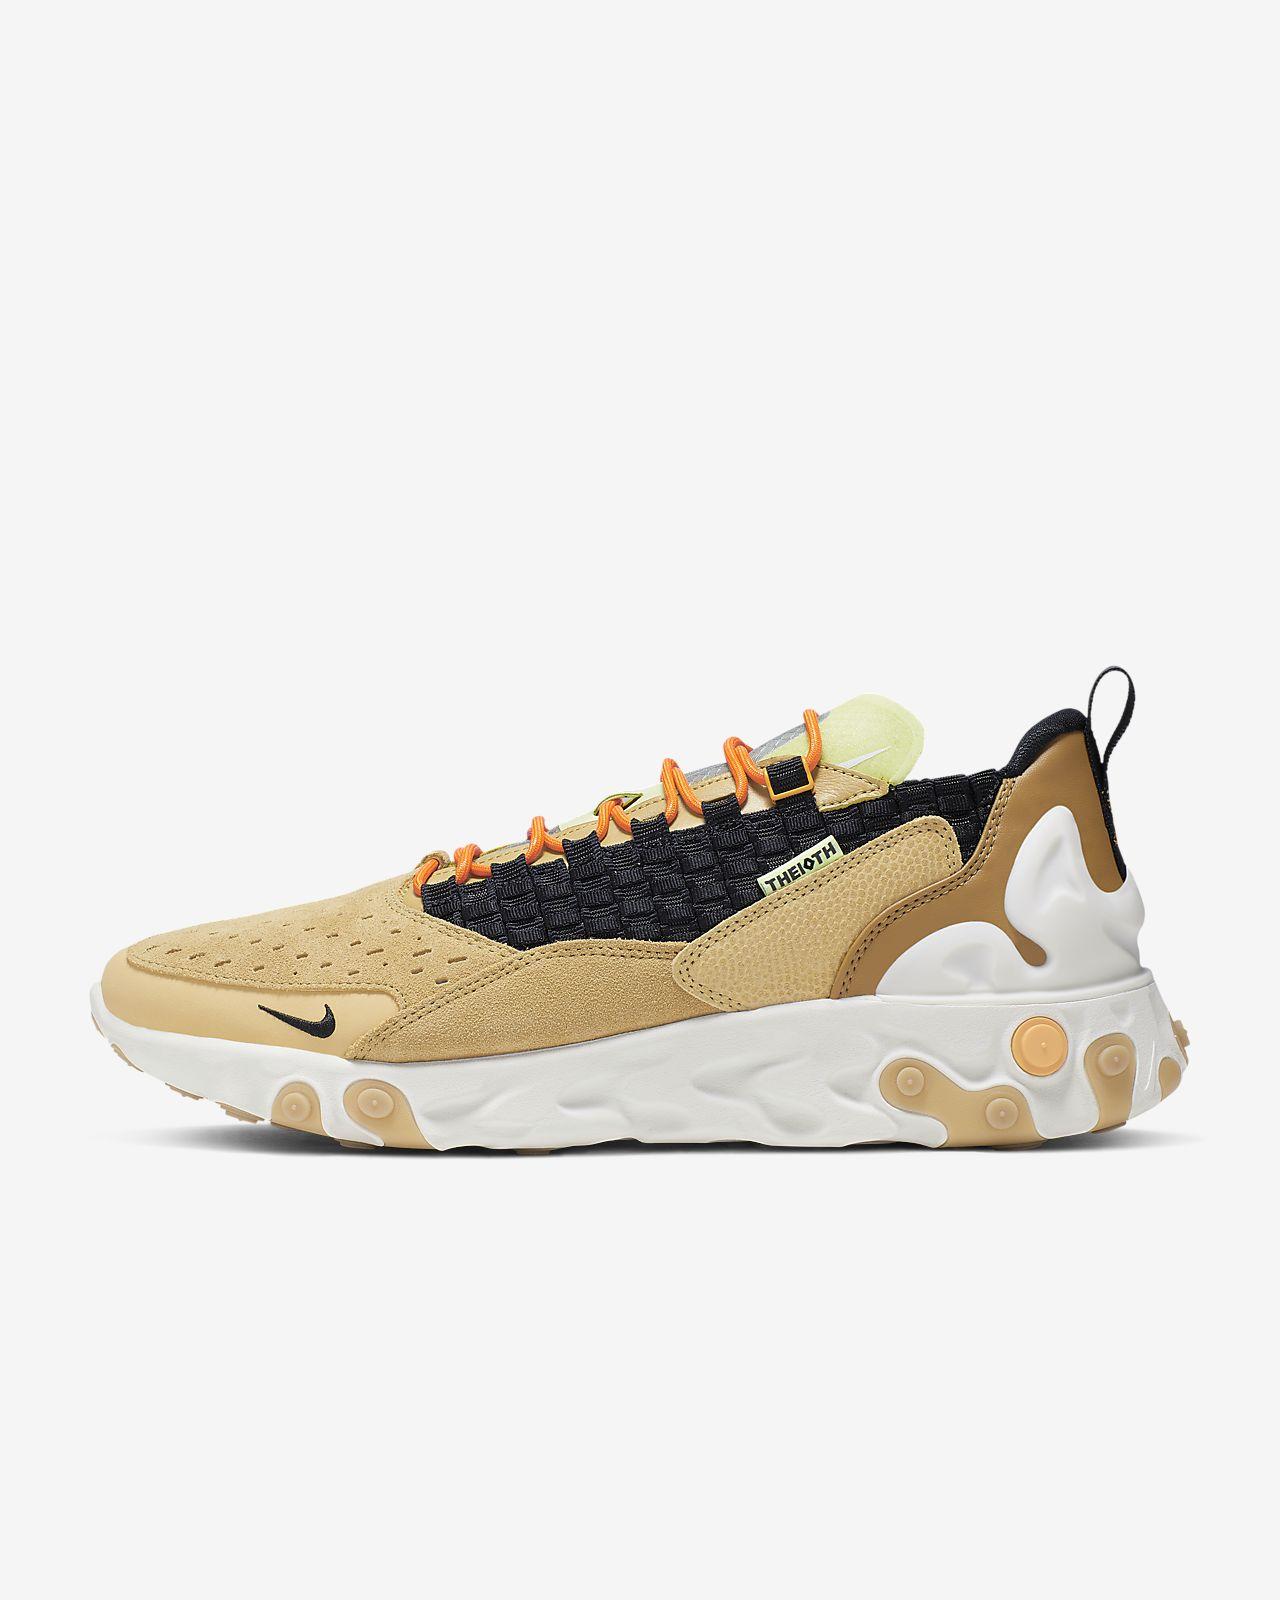 Nike React Sertu 男子运动鞋